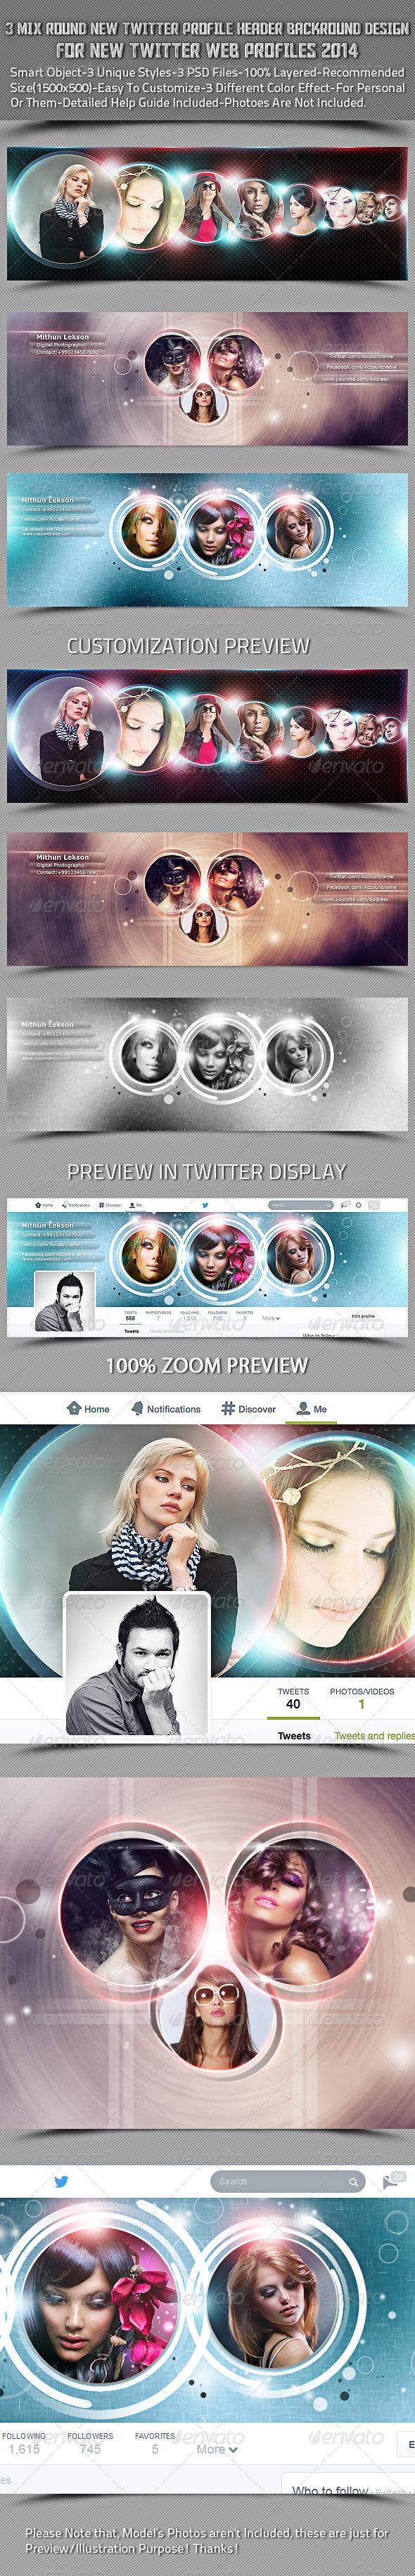 3 Mix Round New Twitter Header Profile Background